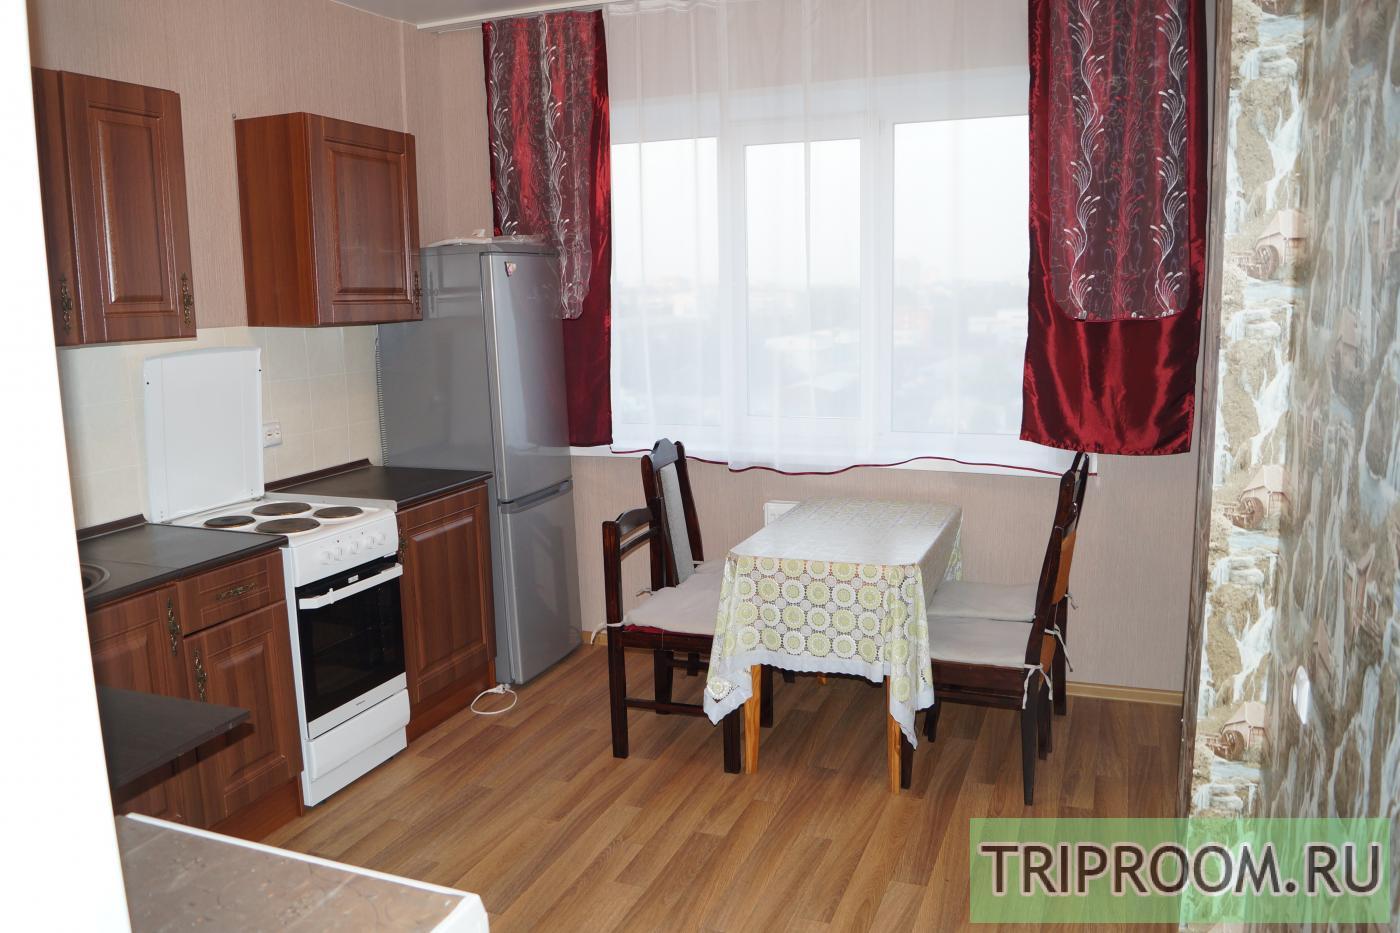 2-комнатная квартира посуточно (вариант № 8512), ул. Урицкого улица, фото № 4